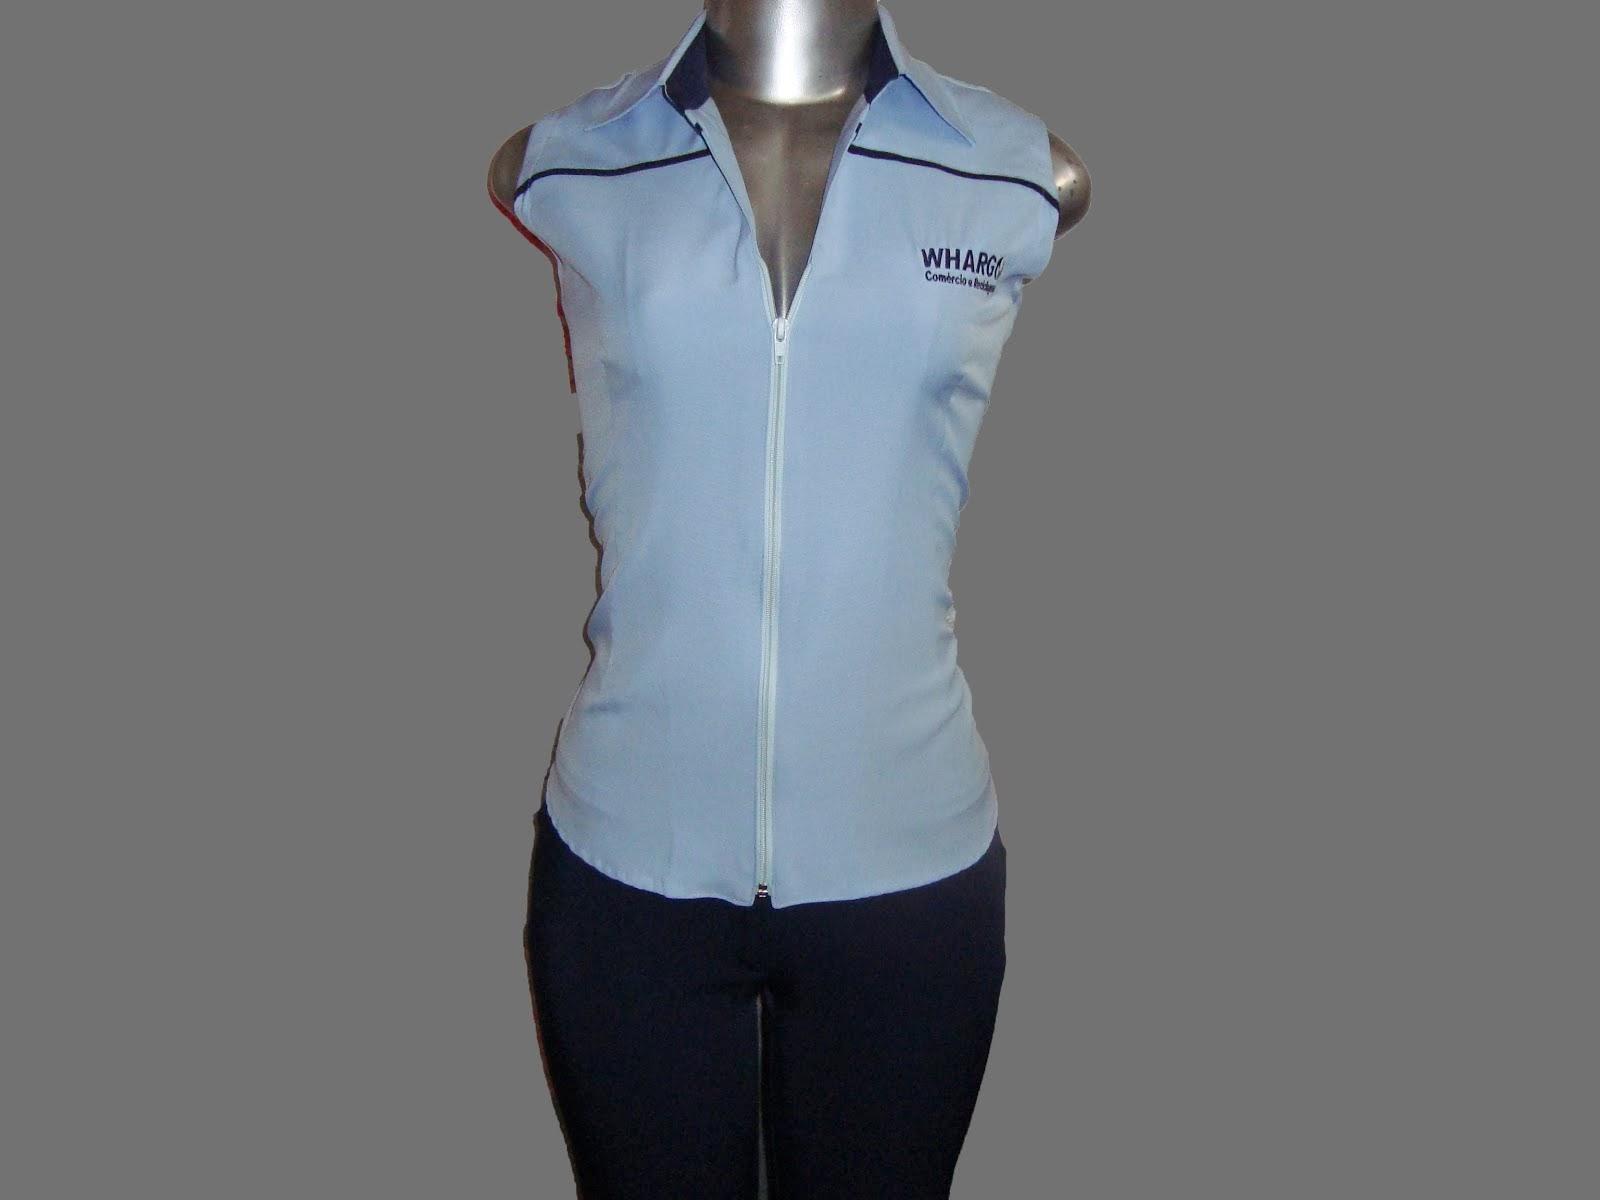 uniforme da whargo comércio e reciclagem